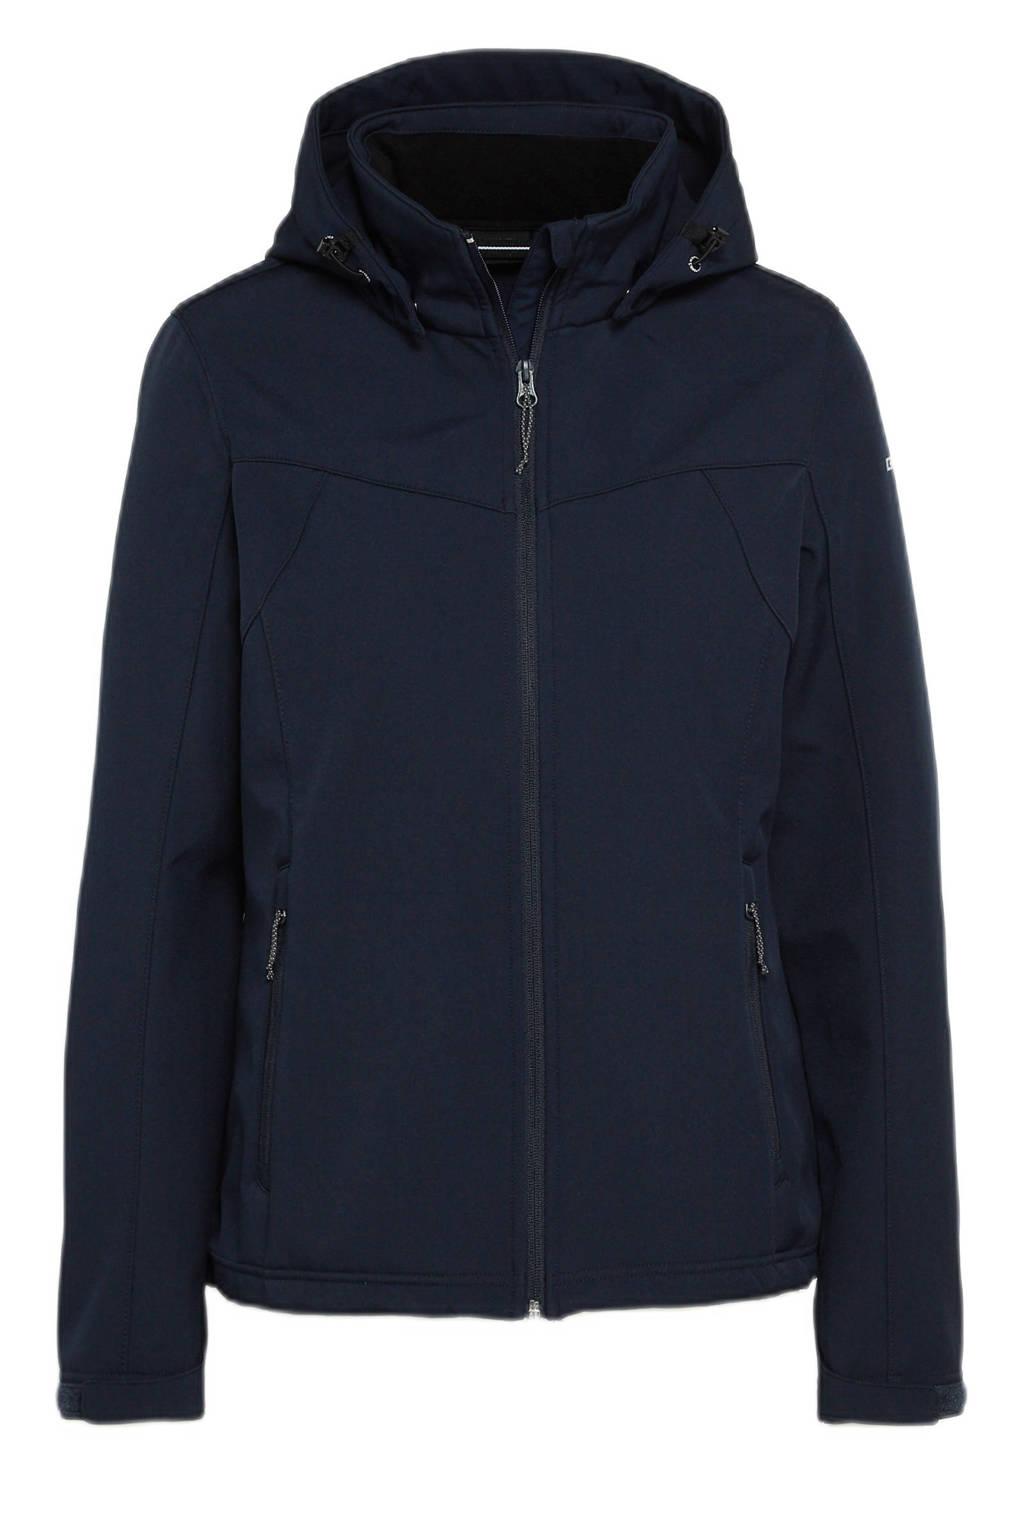 Icepeak softshell outdoor jas Brenham donkerblauw, Donkerblauw